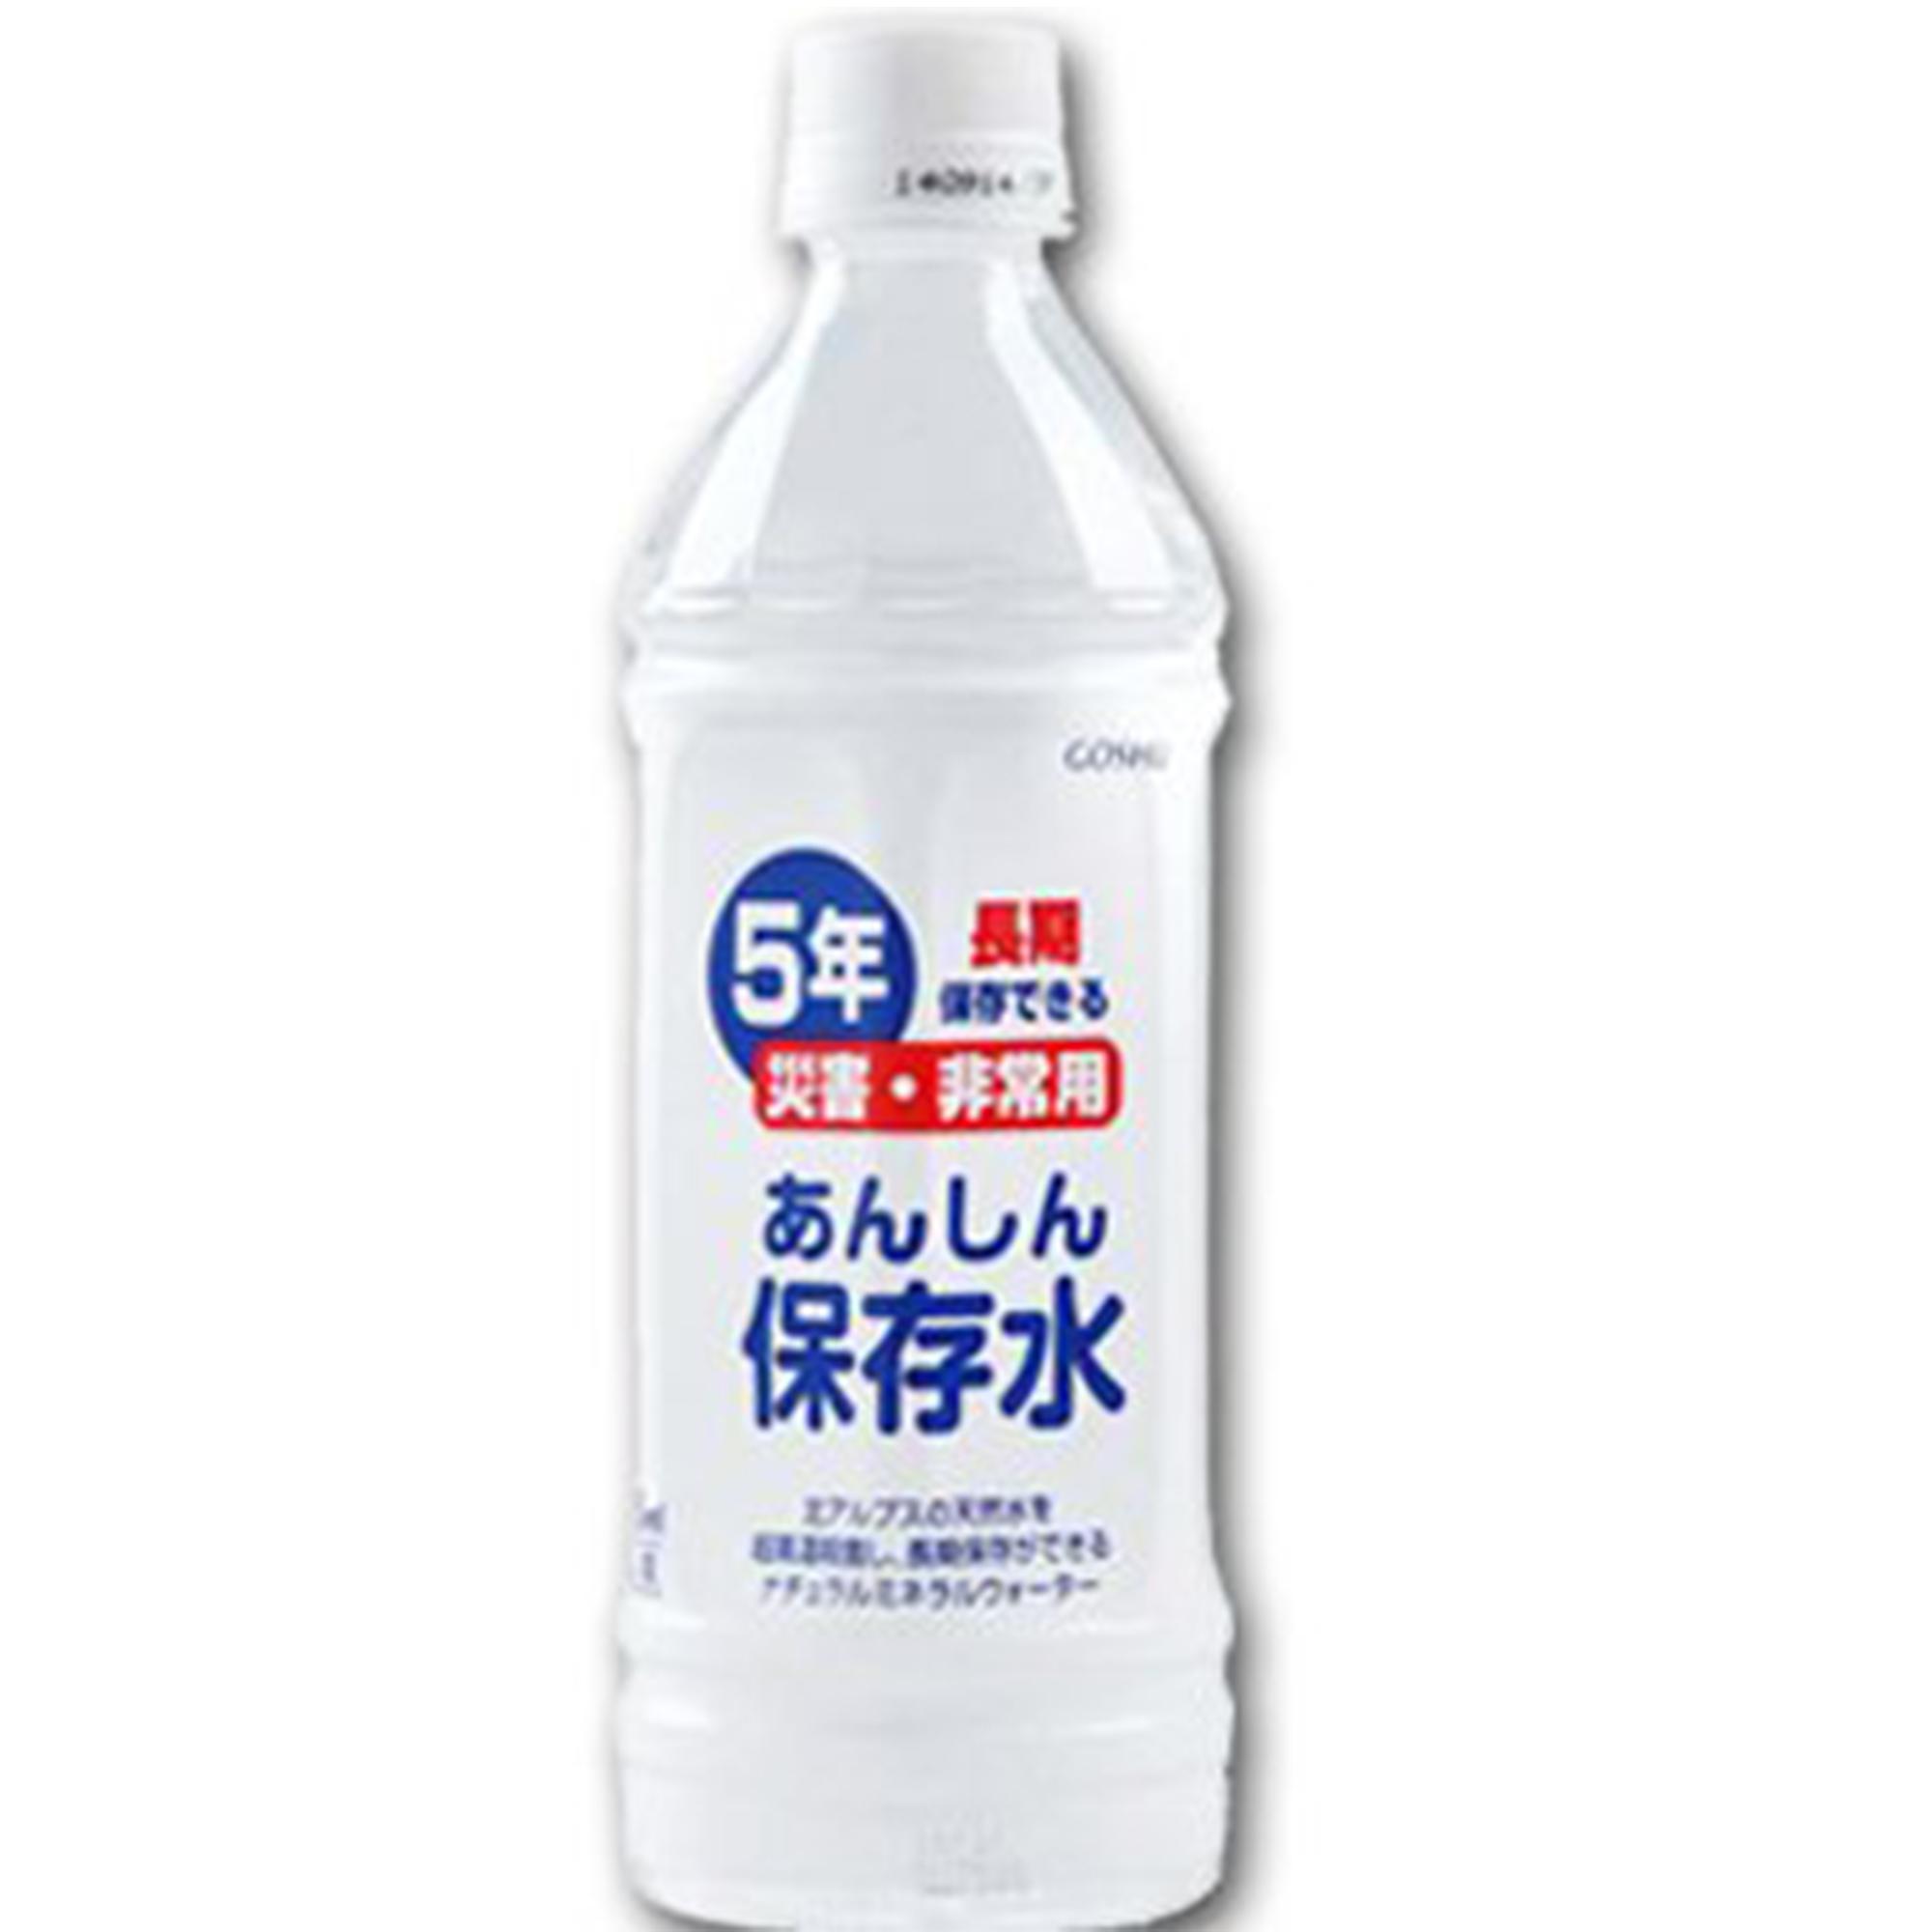 あんしん保存水 500ml